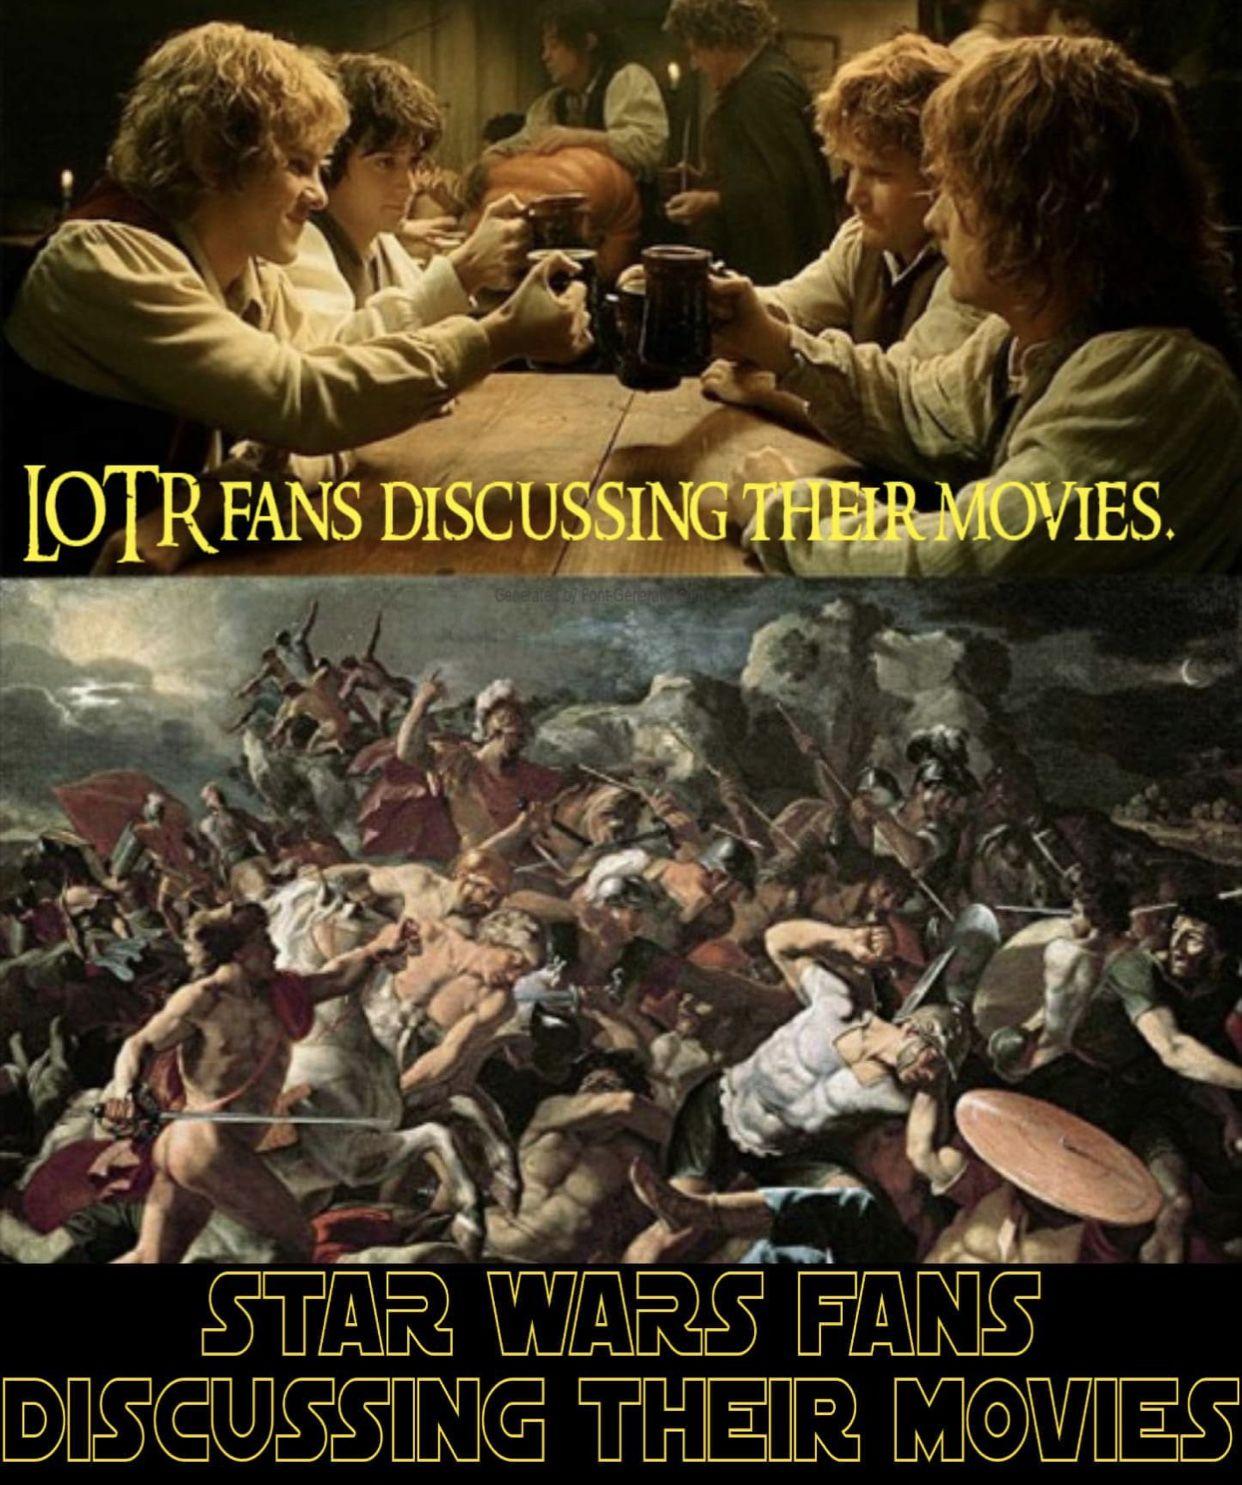 Pin By Tess Looby On Star Wars In 2020 Star Wars Humor Star Wars Memes Star Wars Fandom